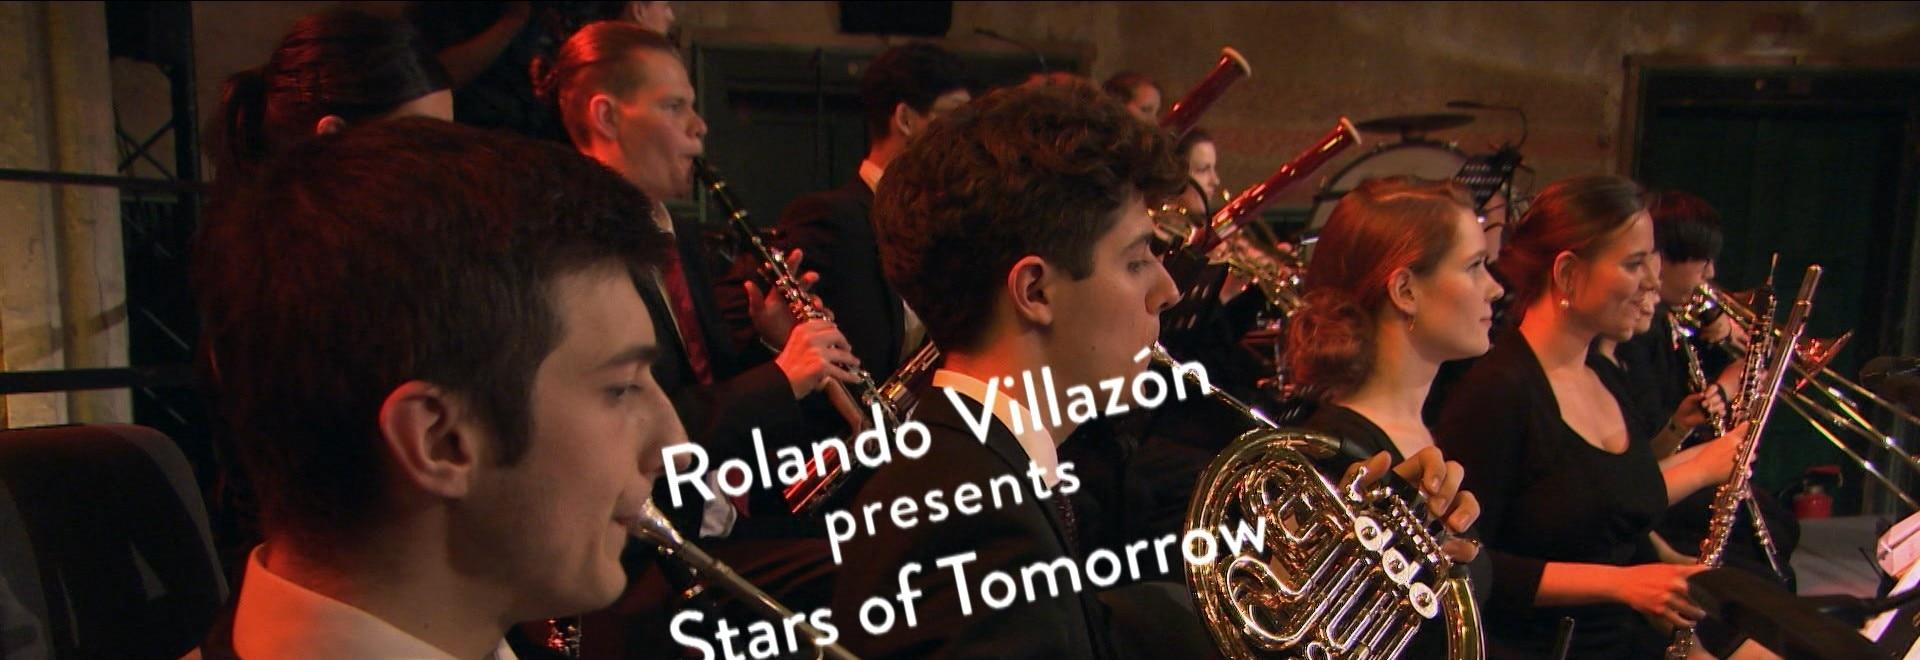 Le stelle di domani